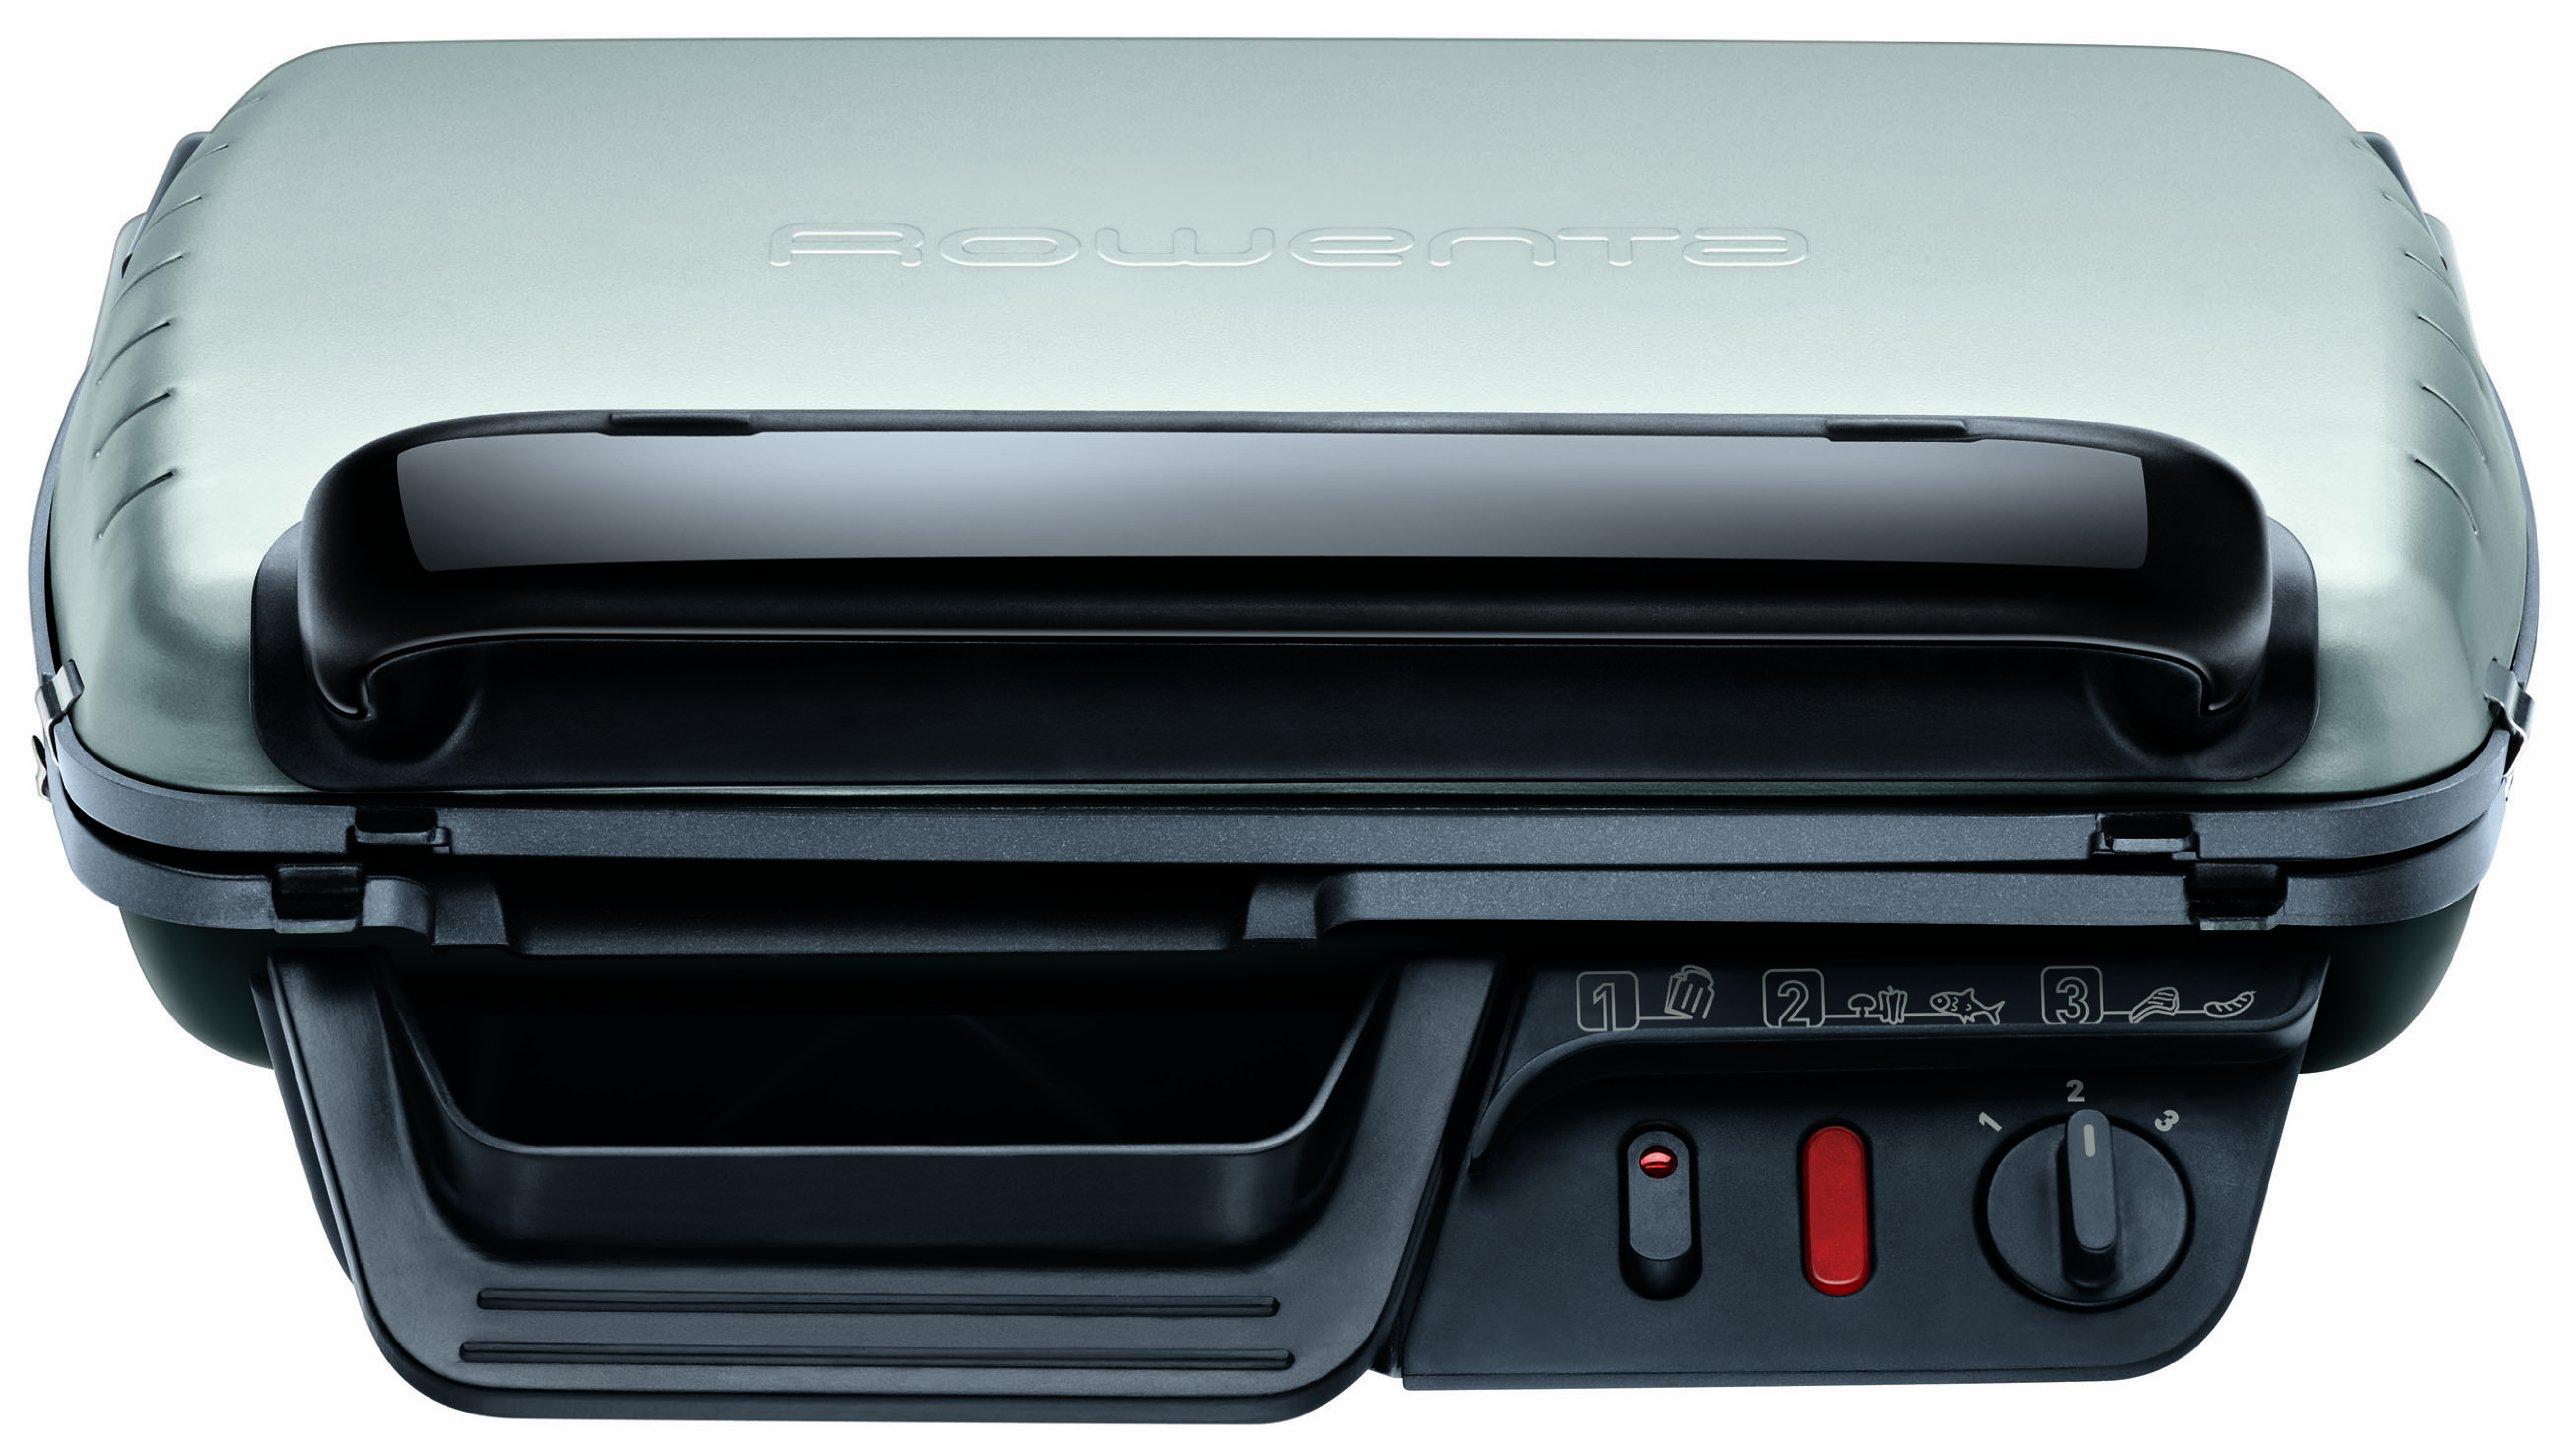 Rowenta GR3050 Classic Bistecchiera con 2 Posizioni di Cottura, Potenza 2000 W, 600 cm2 1 spesavip